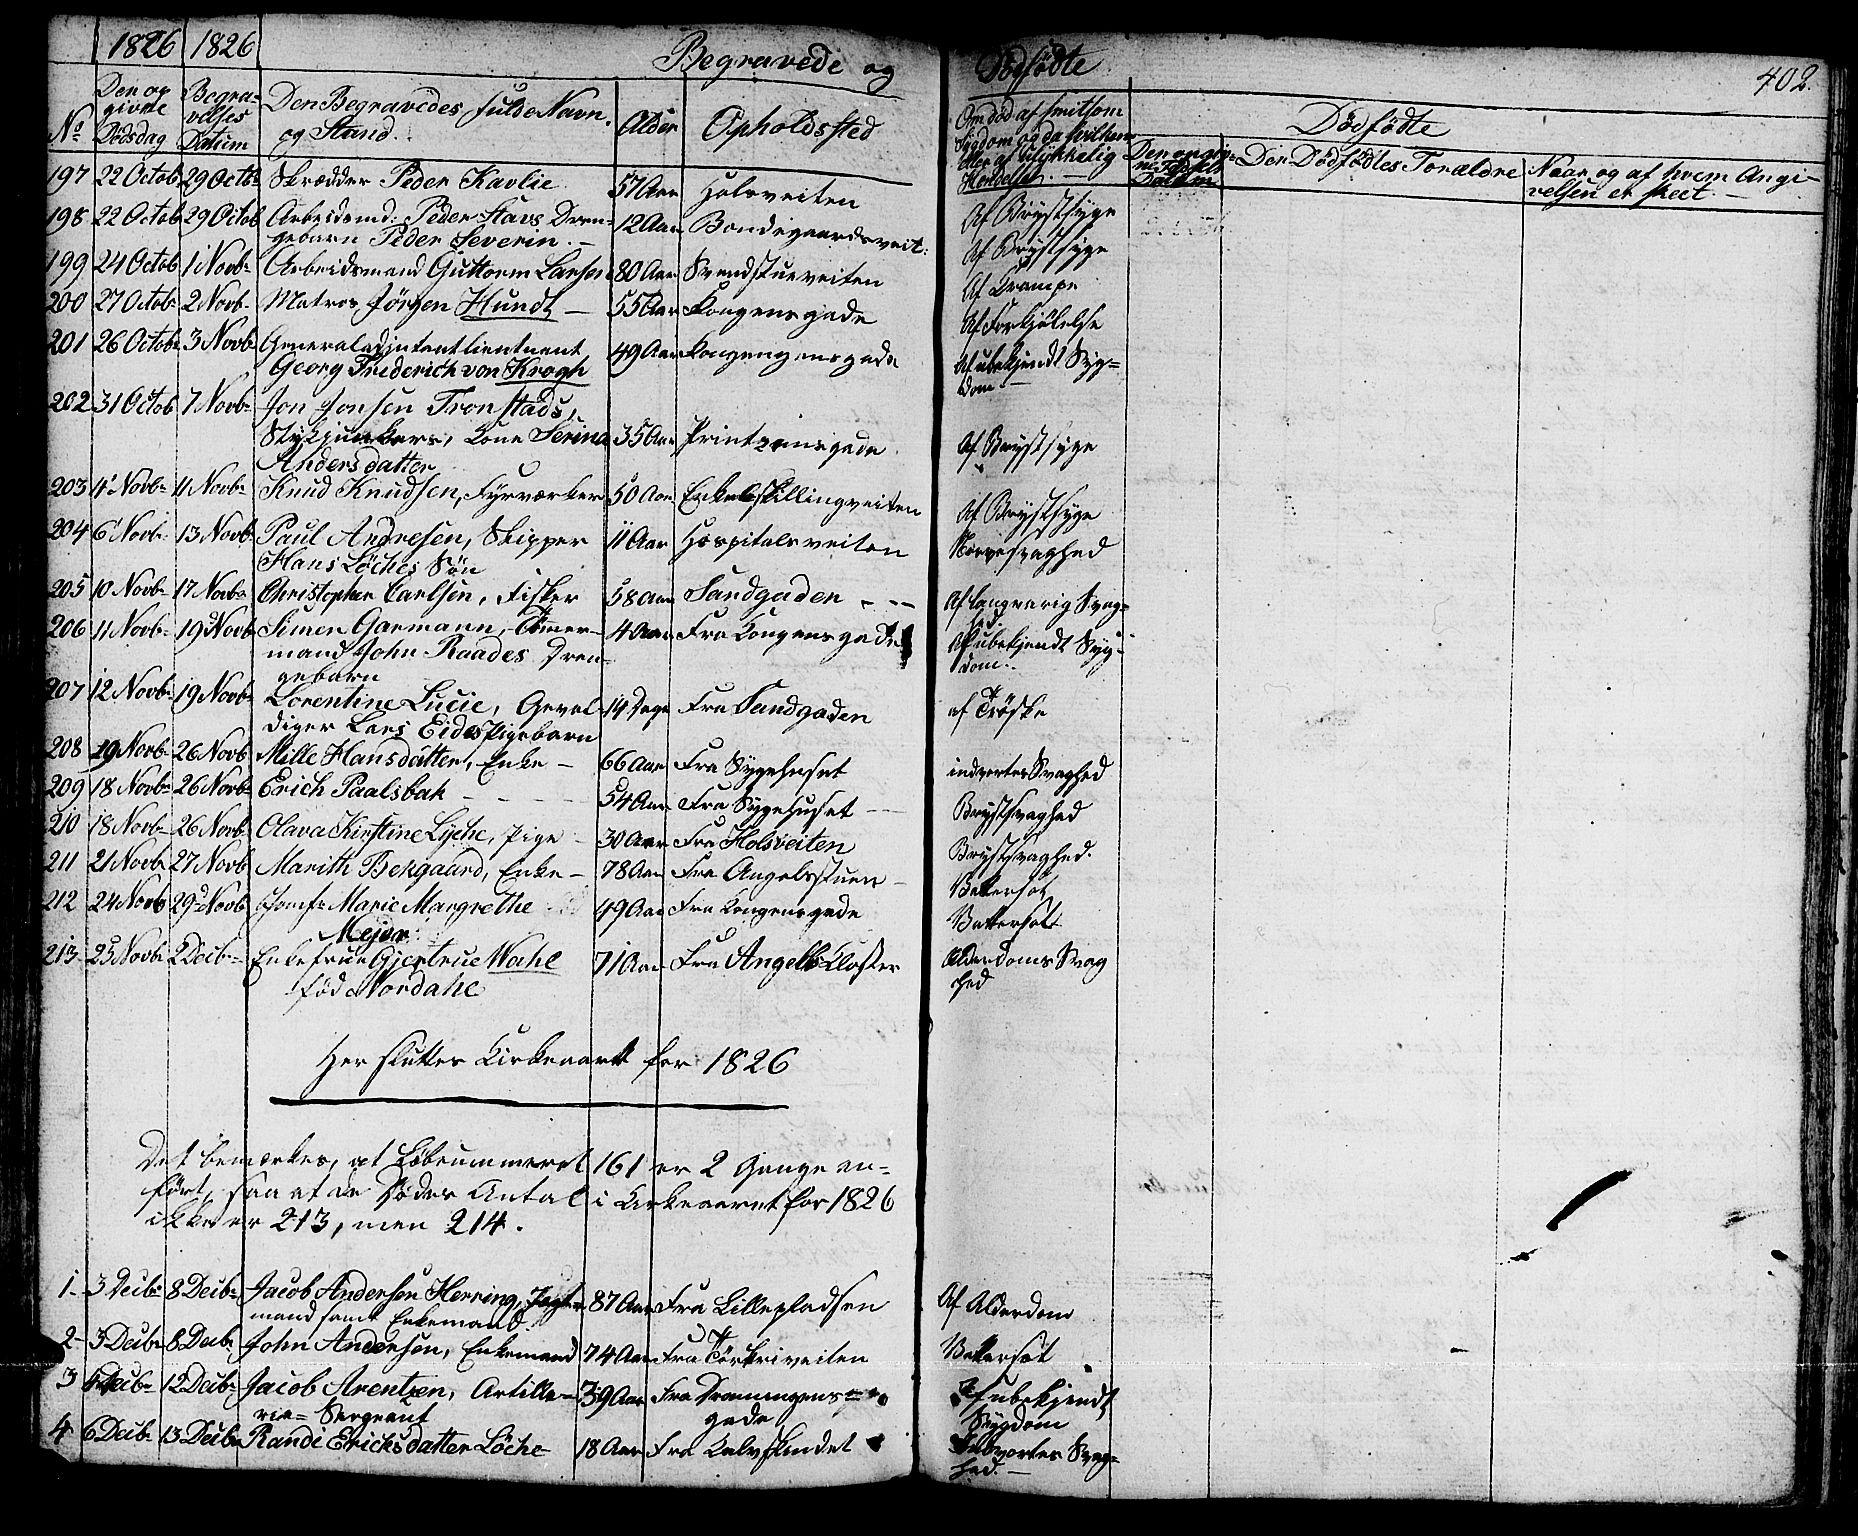 SAT, Ministerialprotokoller, klokkerbøker og fødselsregistre - Sør-Trøndelag, 601/L0045: Ministerialbok nr. 601A13, 1821-1831, s. 402